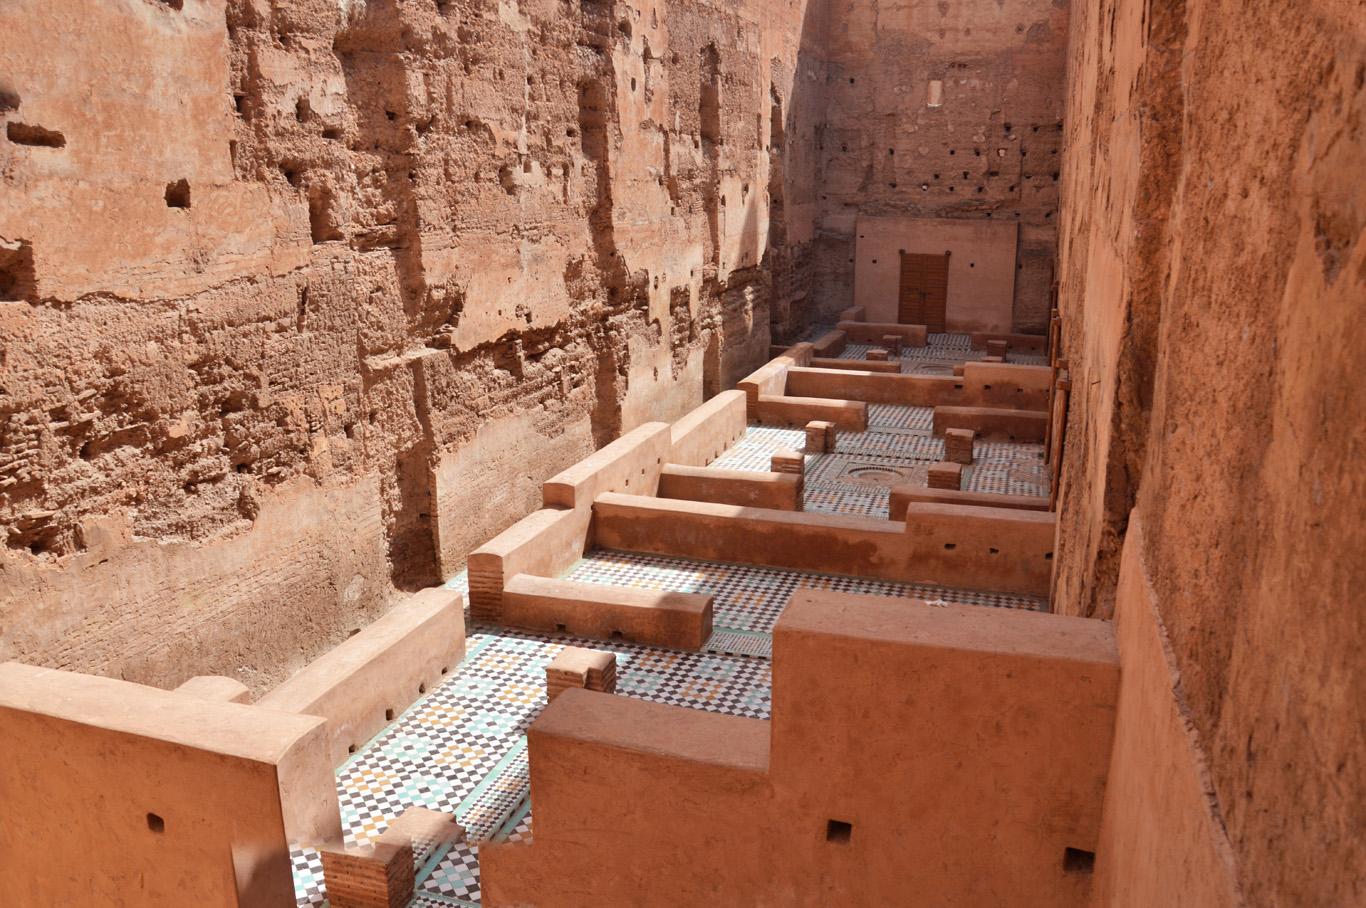 Badii Palace ruins